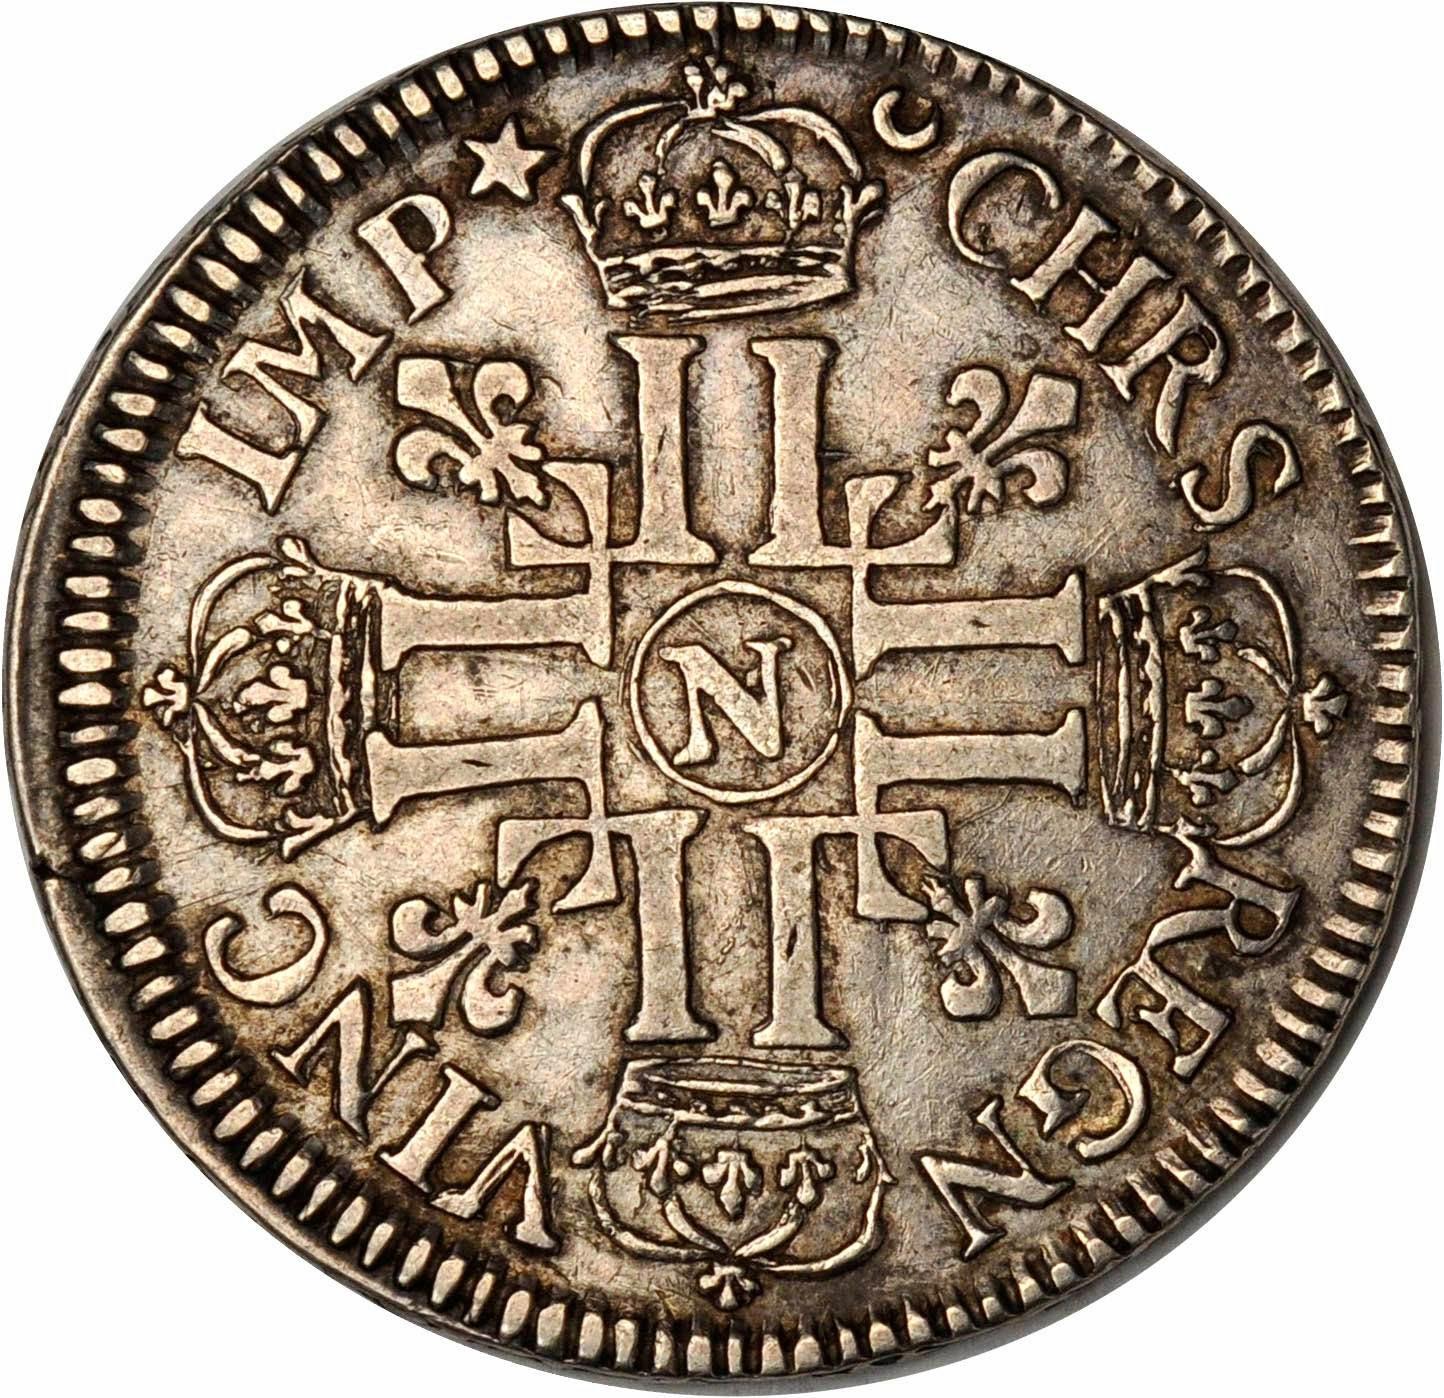 France 1690 Crown or Ecu of Six Livres or Francs